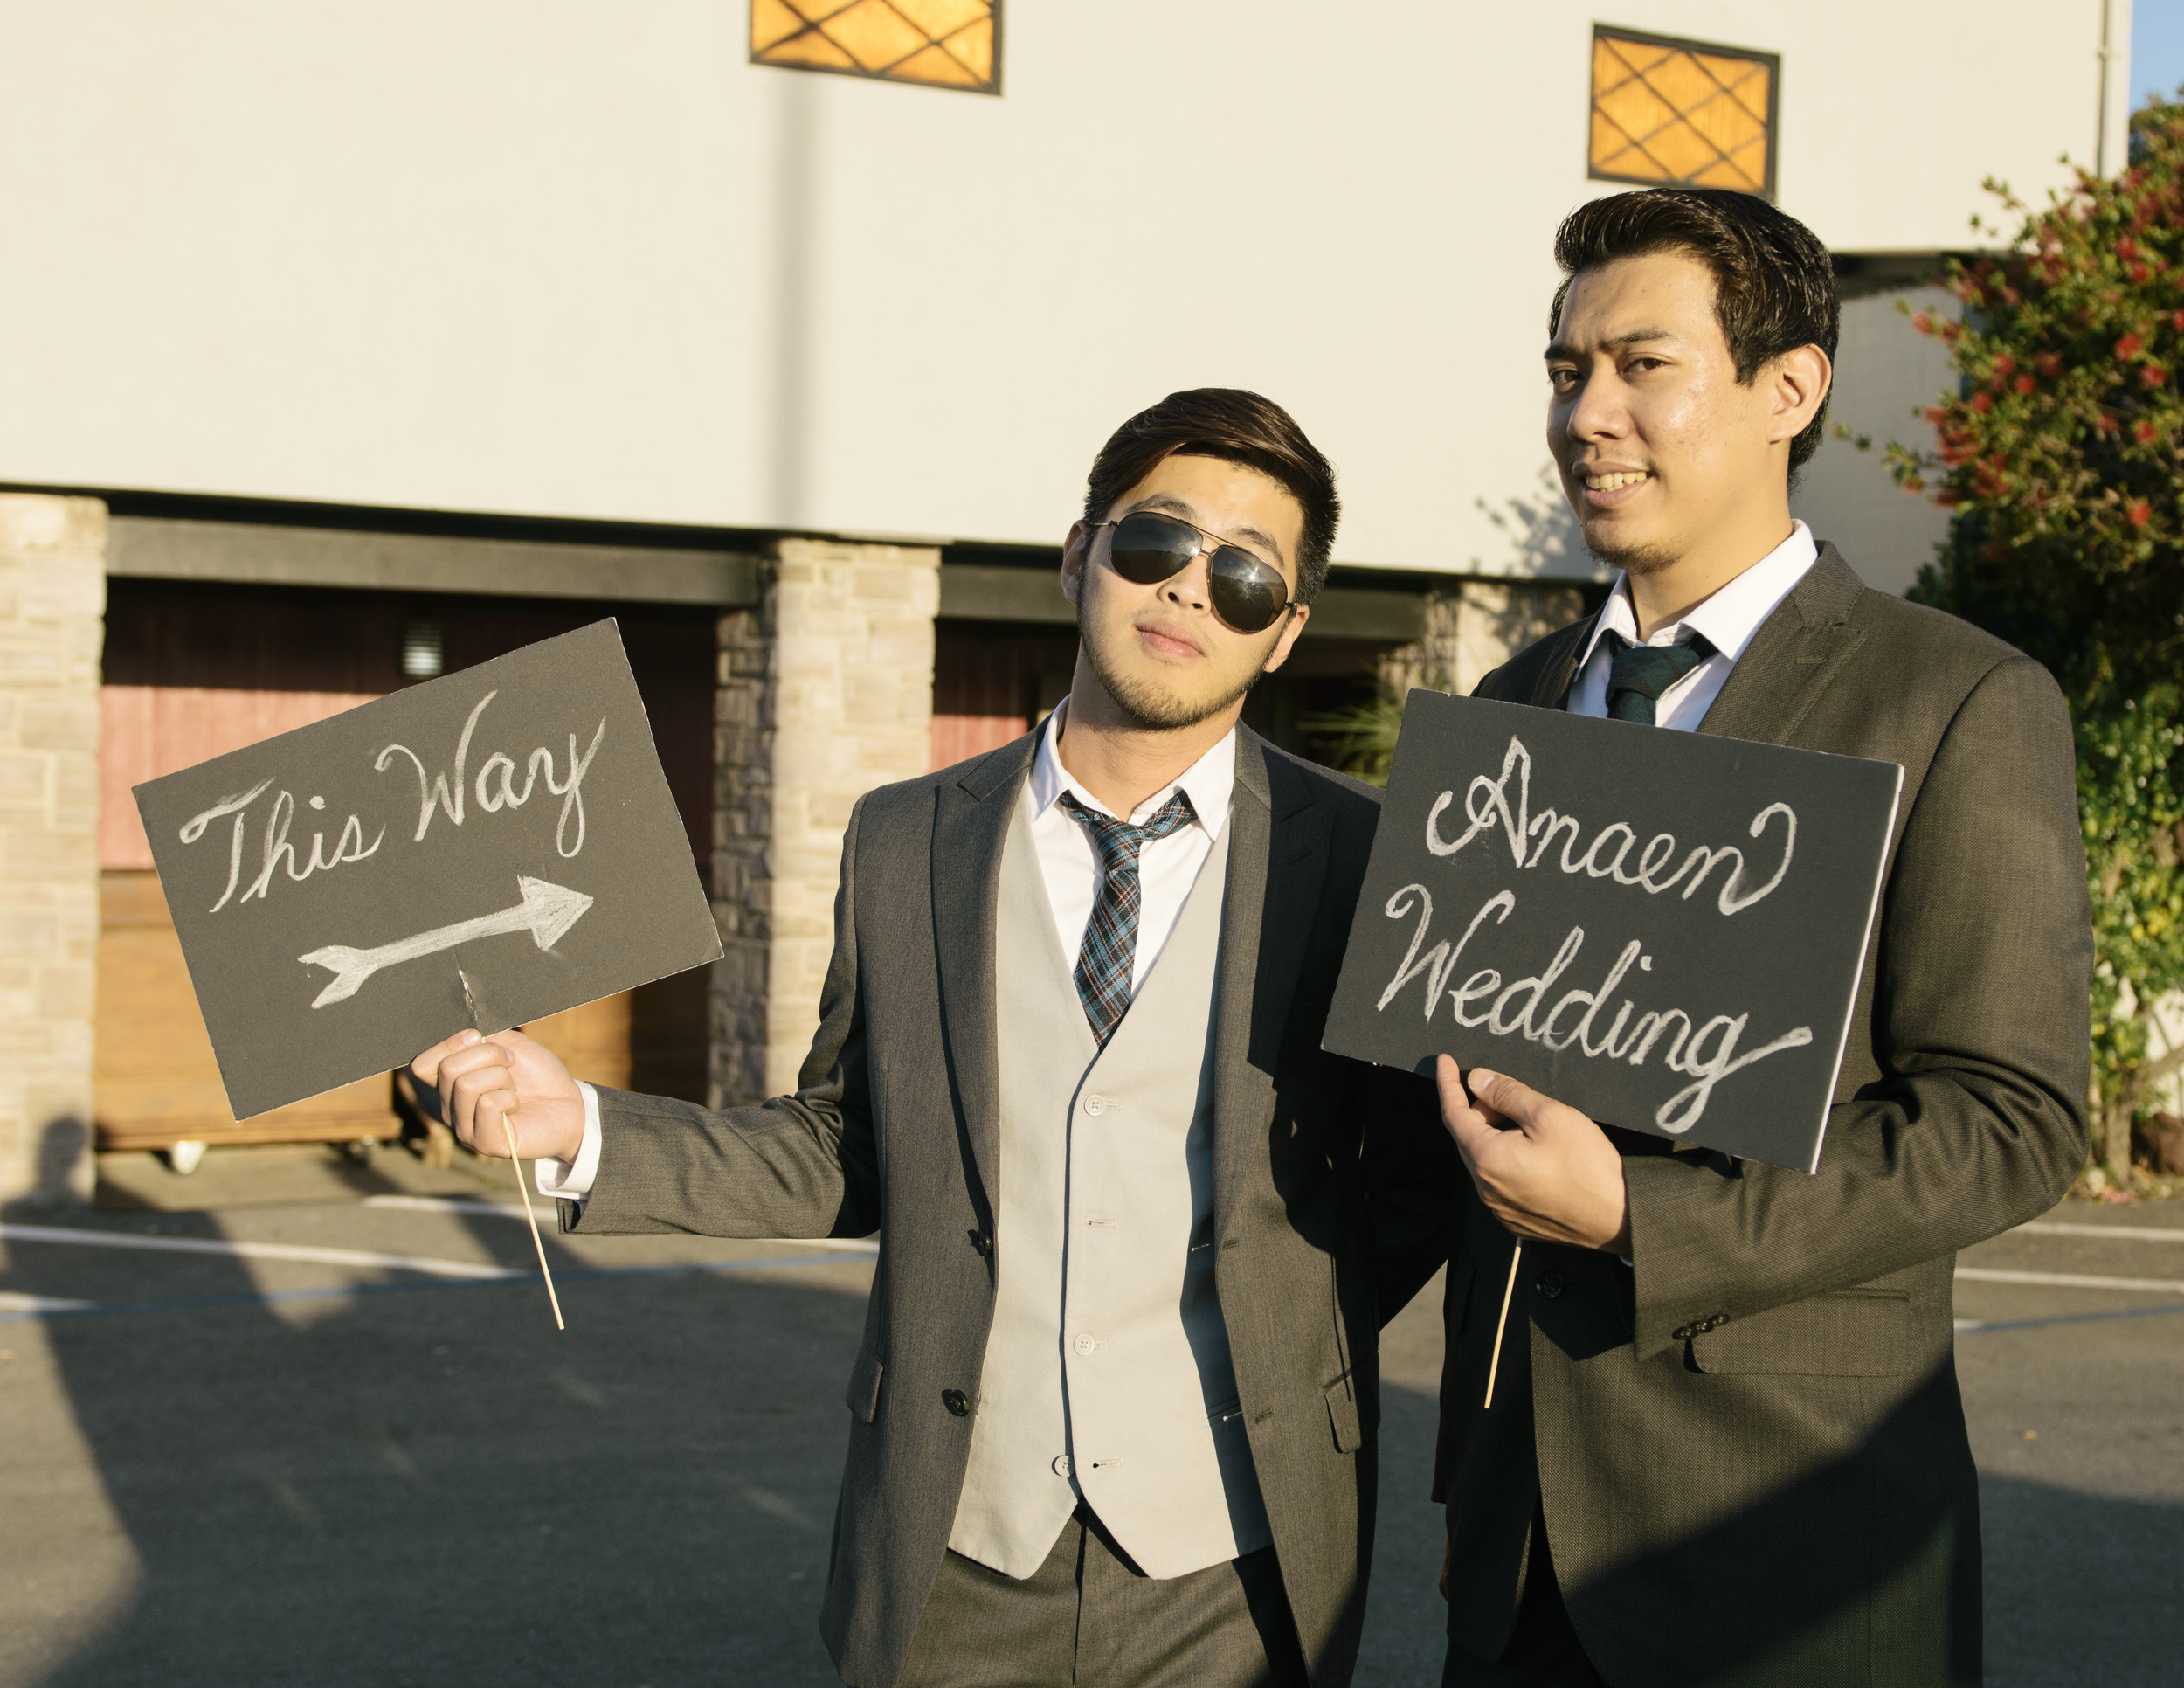 Anaen Wedding-231.jpg